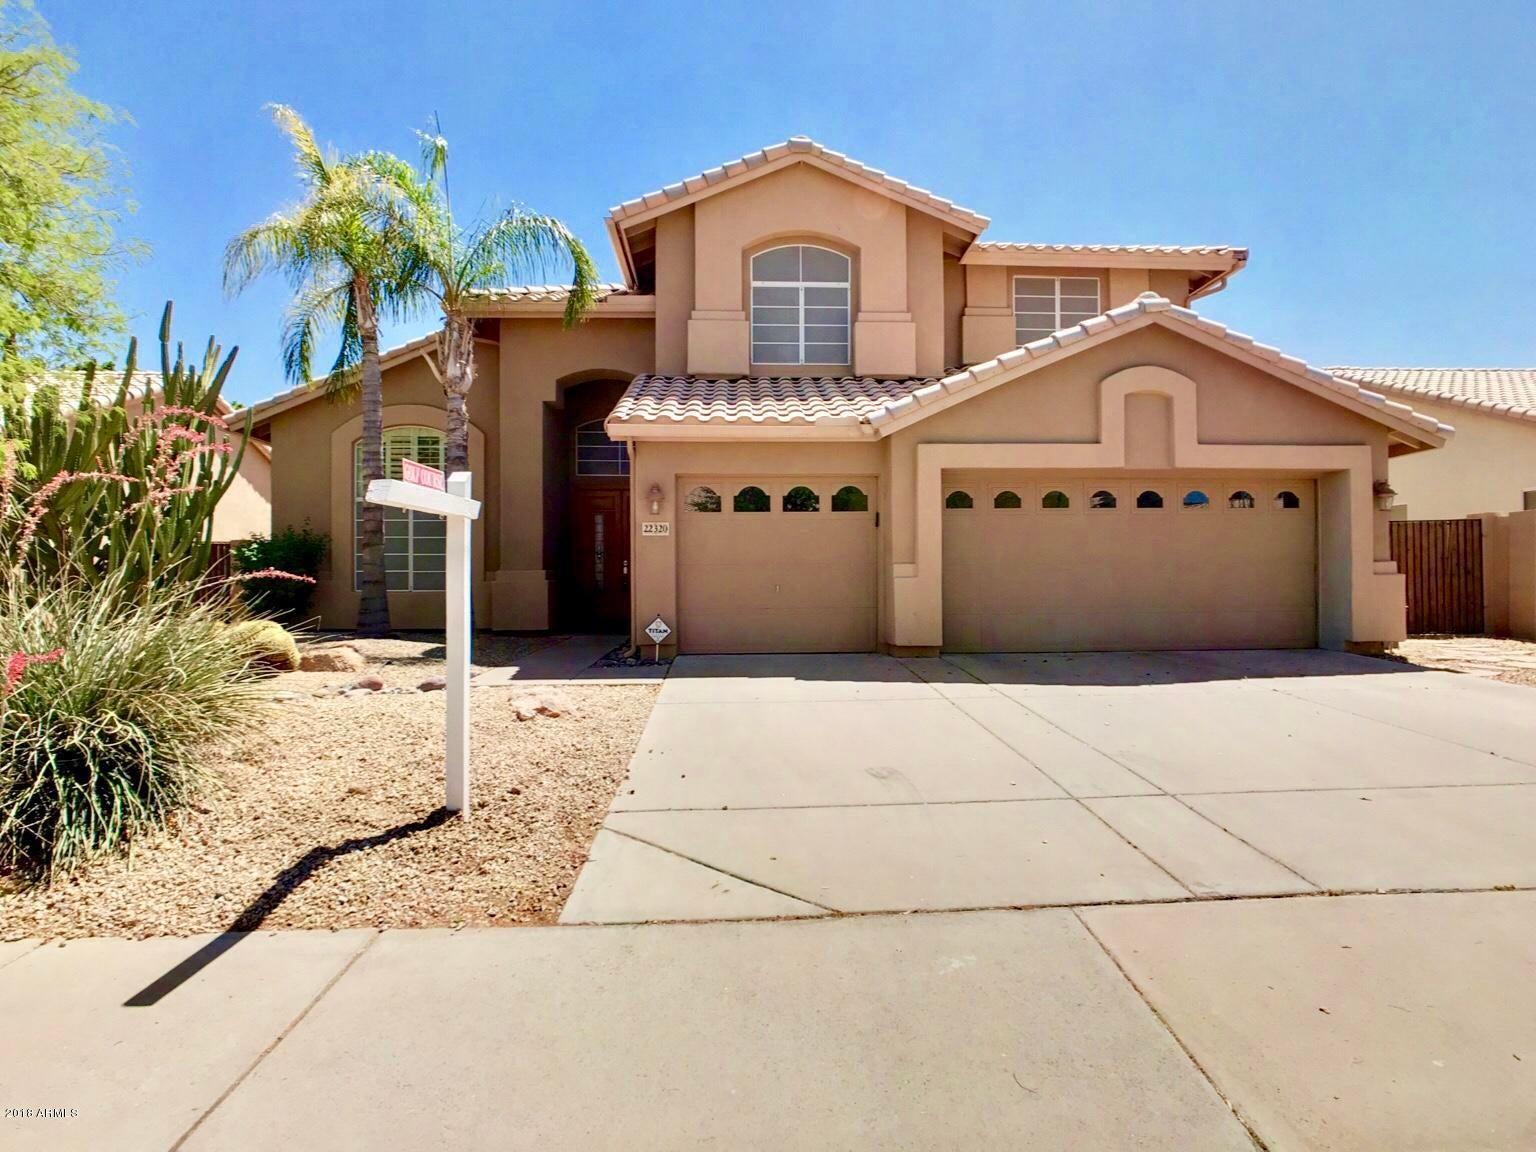 Photo of 22320 N 59TH Lane, Glendale, AZ 85310